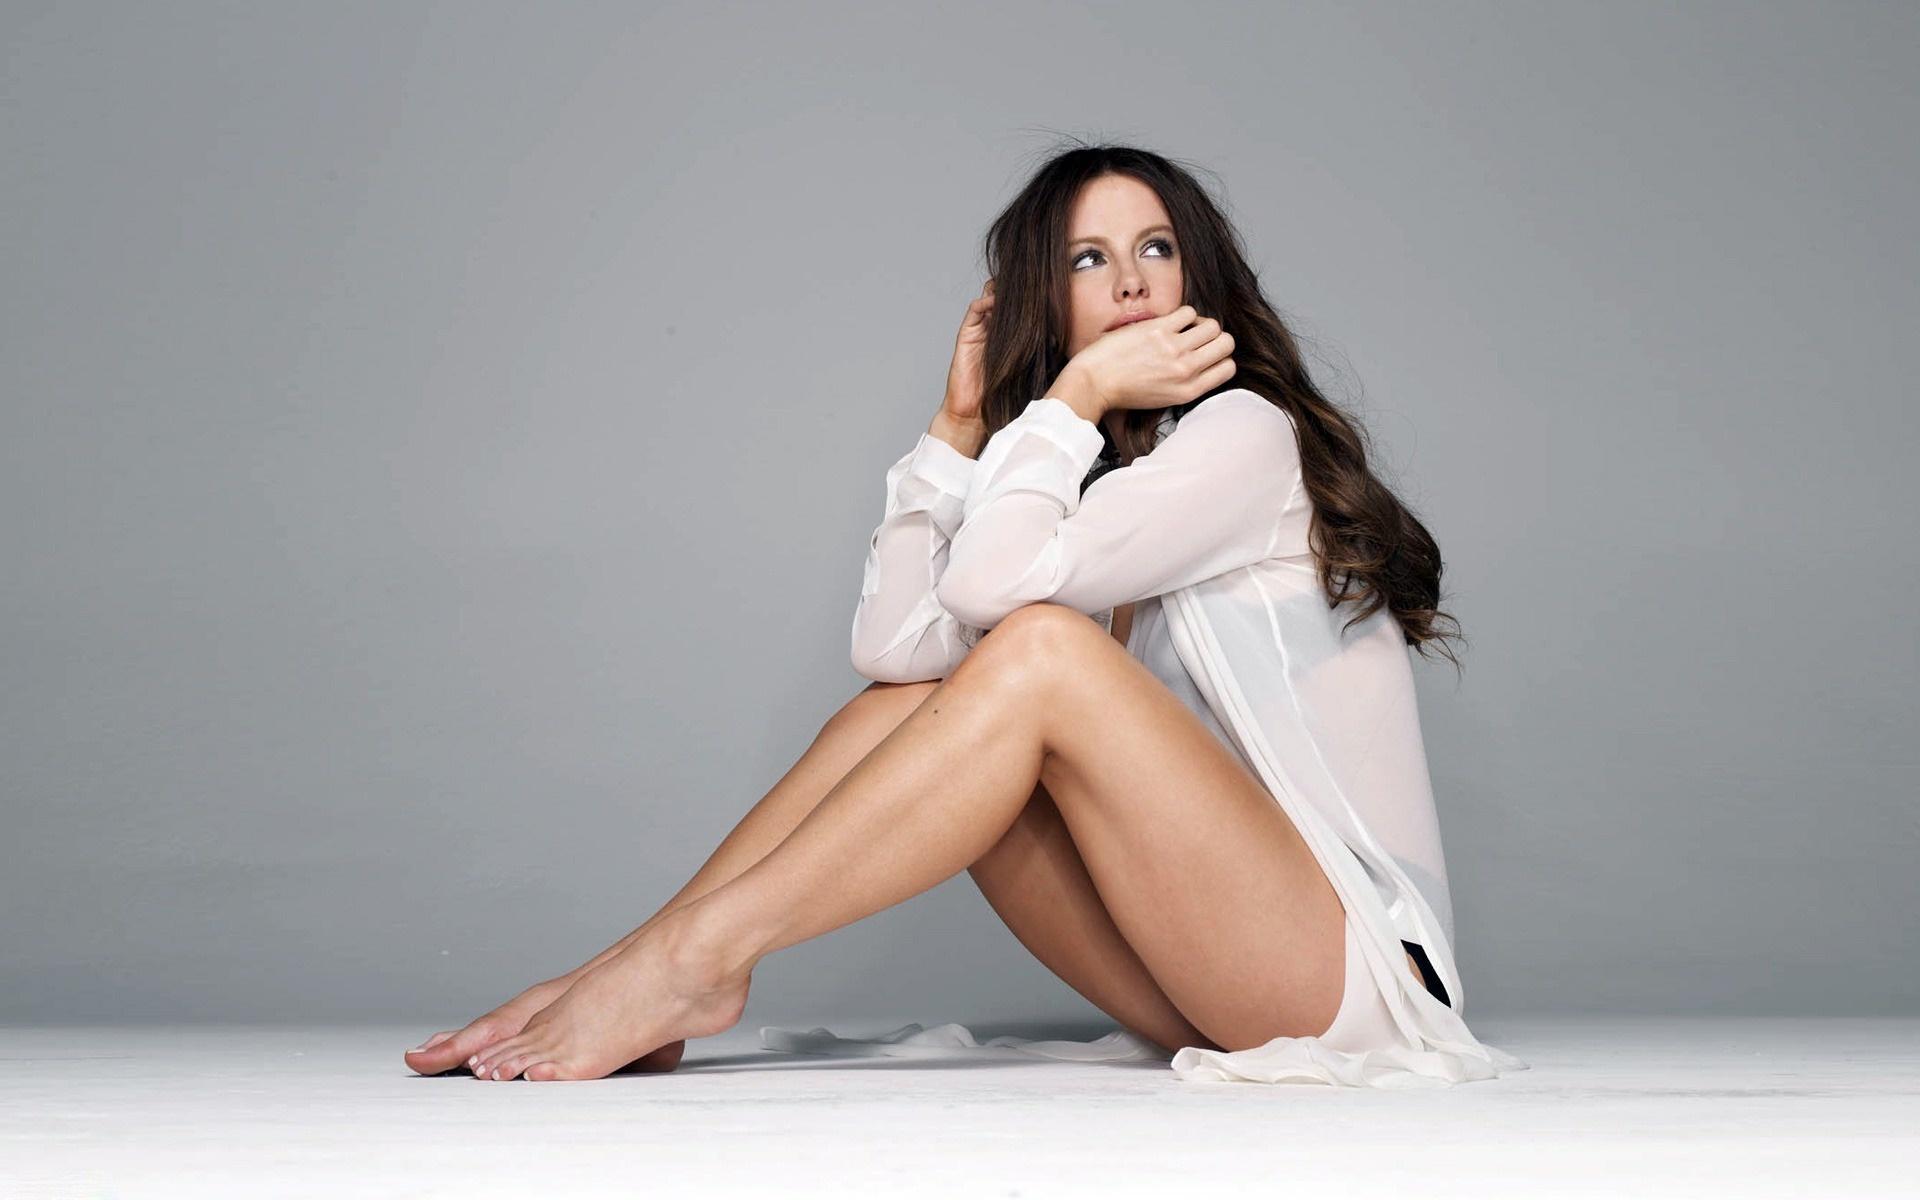 Кейт бекинсейл сексуальная смотреть